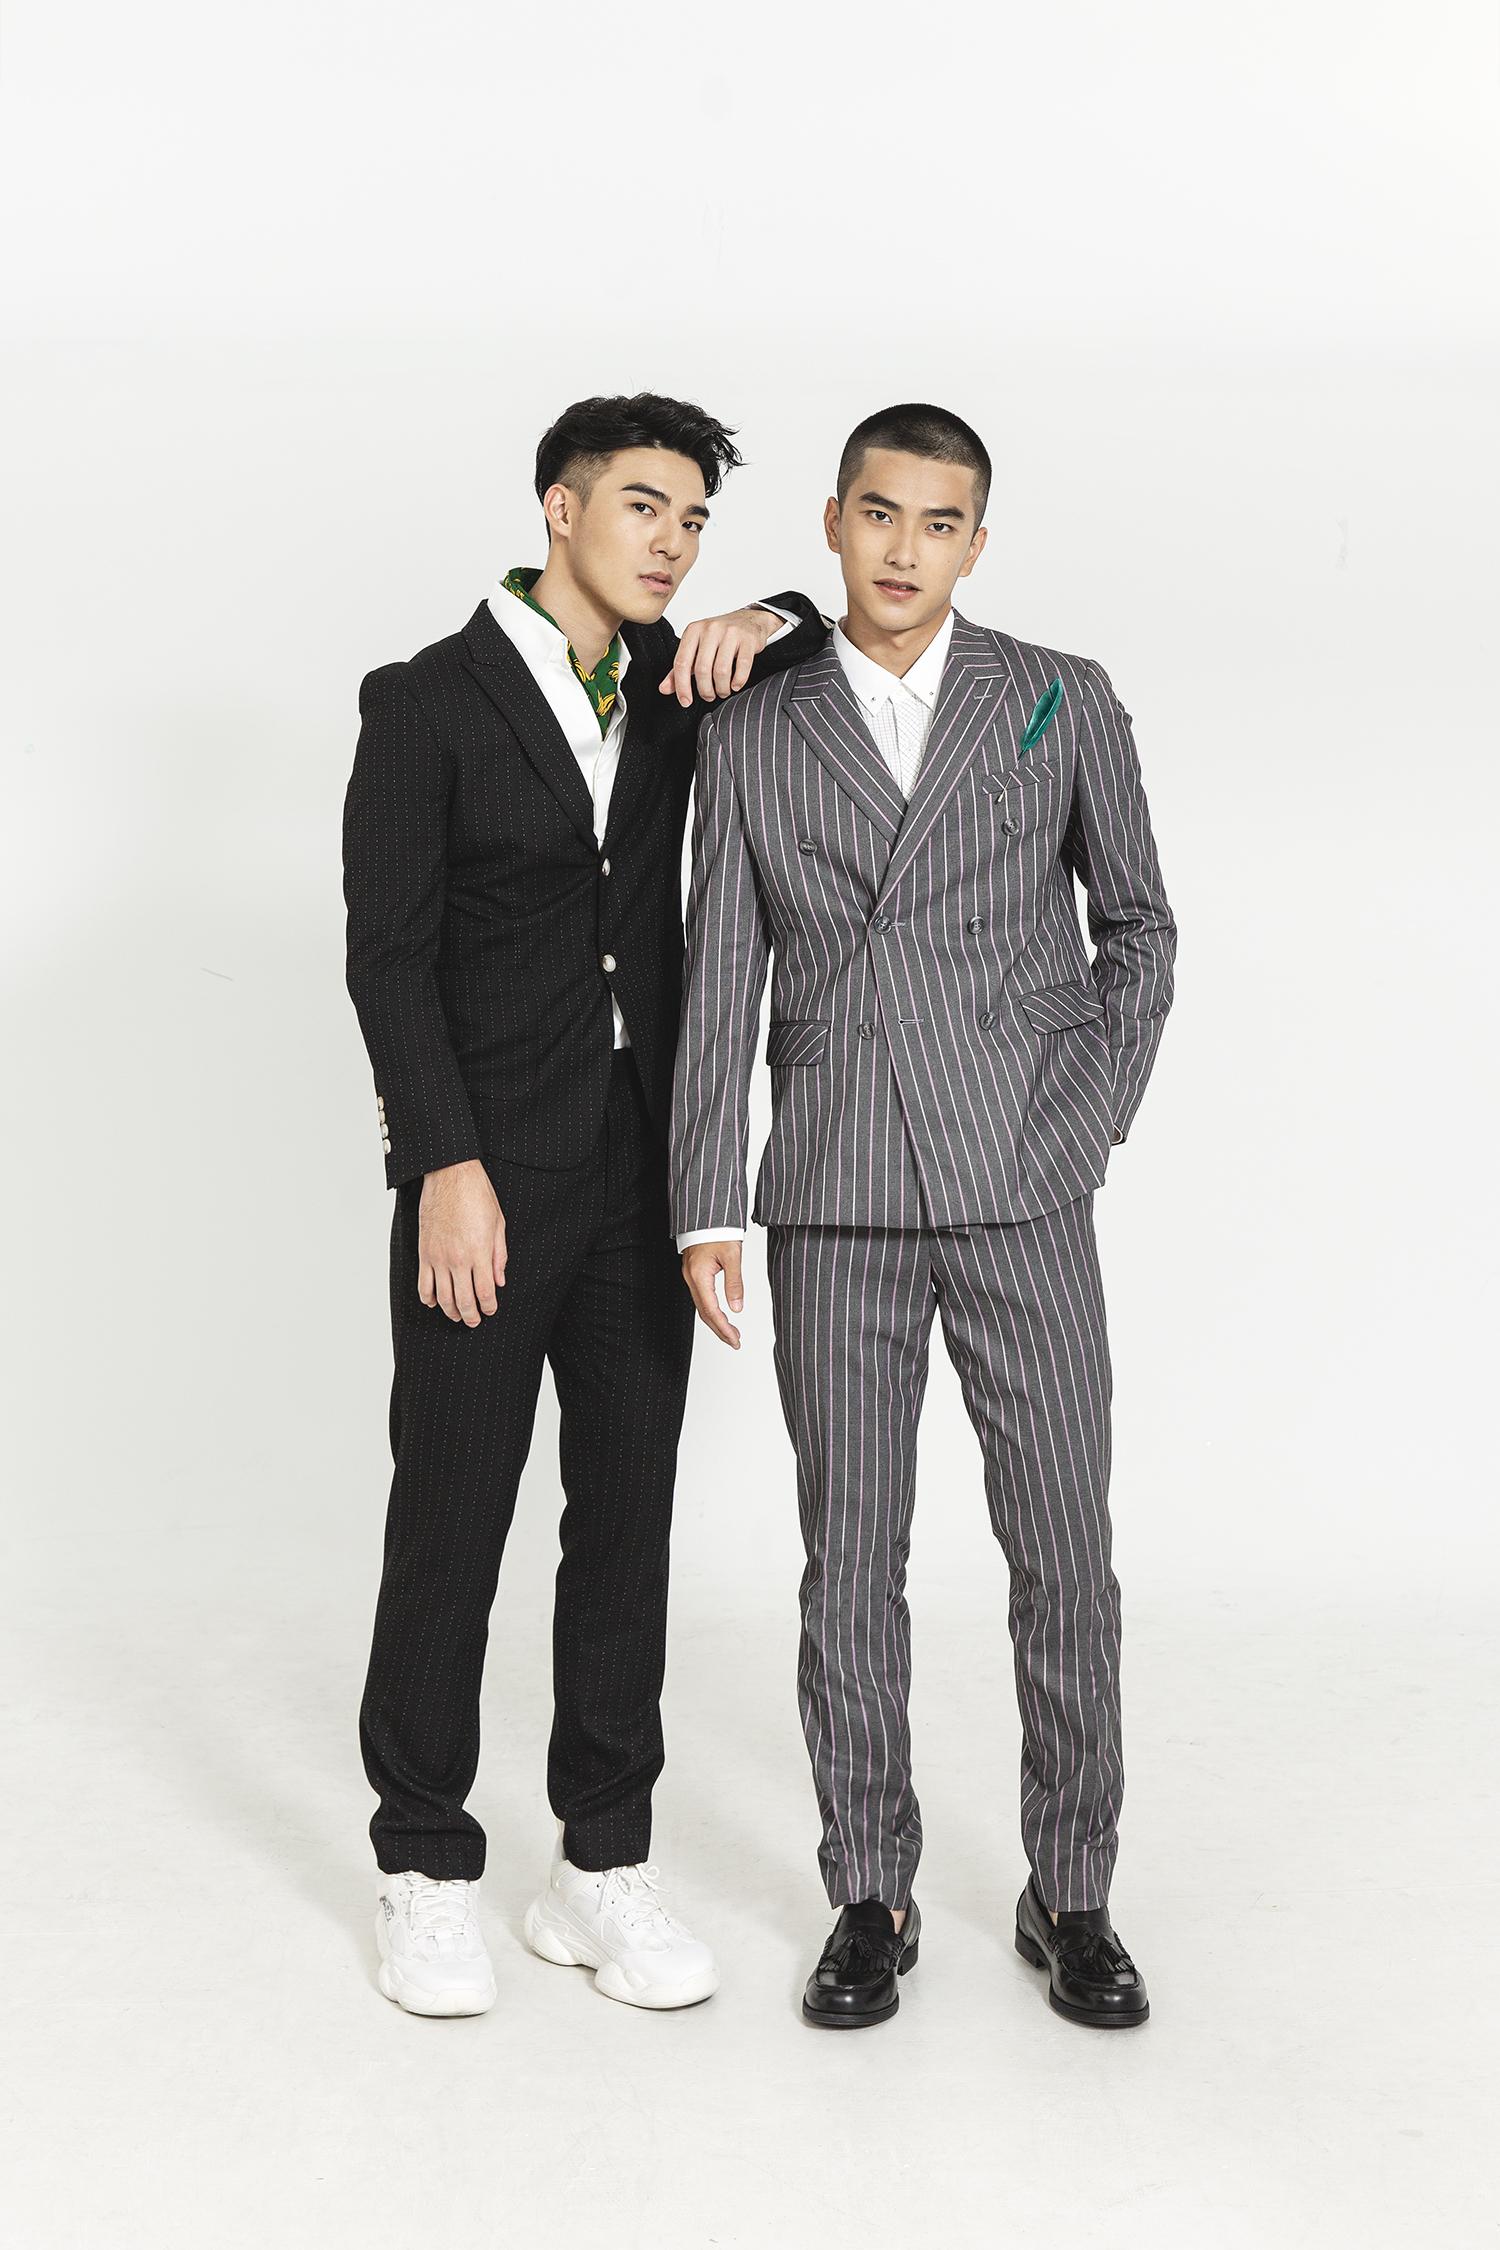 第七屆酷兒影展開幕片《刻在你心底的名字》兩位男主角陳昊森(左)、曾敬驊(右),以歷屆最年輕之姿「雙蛋黃」擔任影展大使。